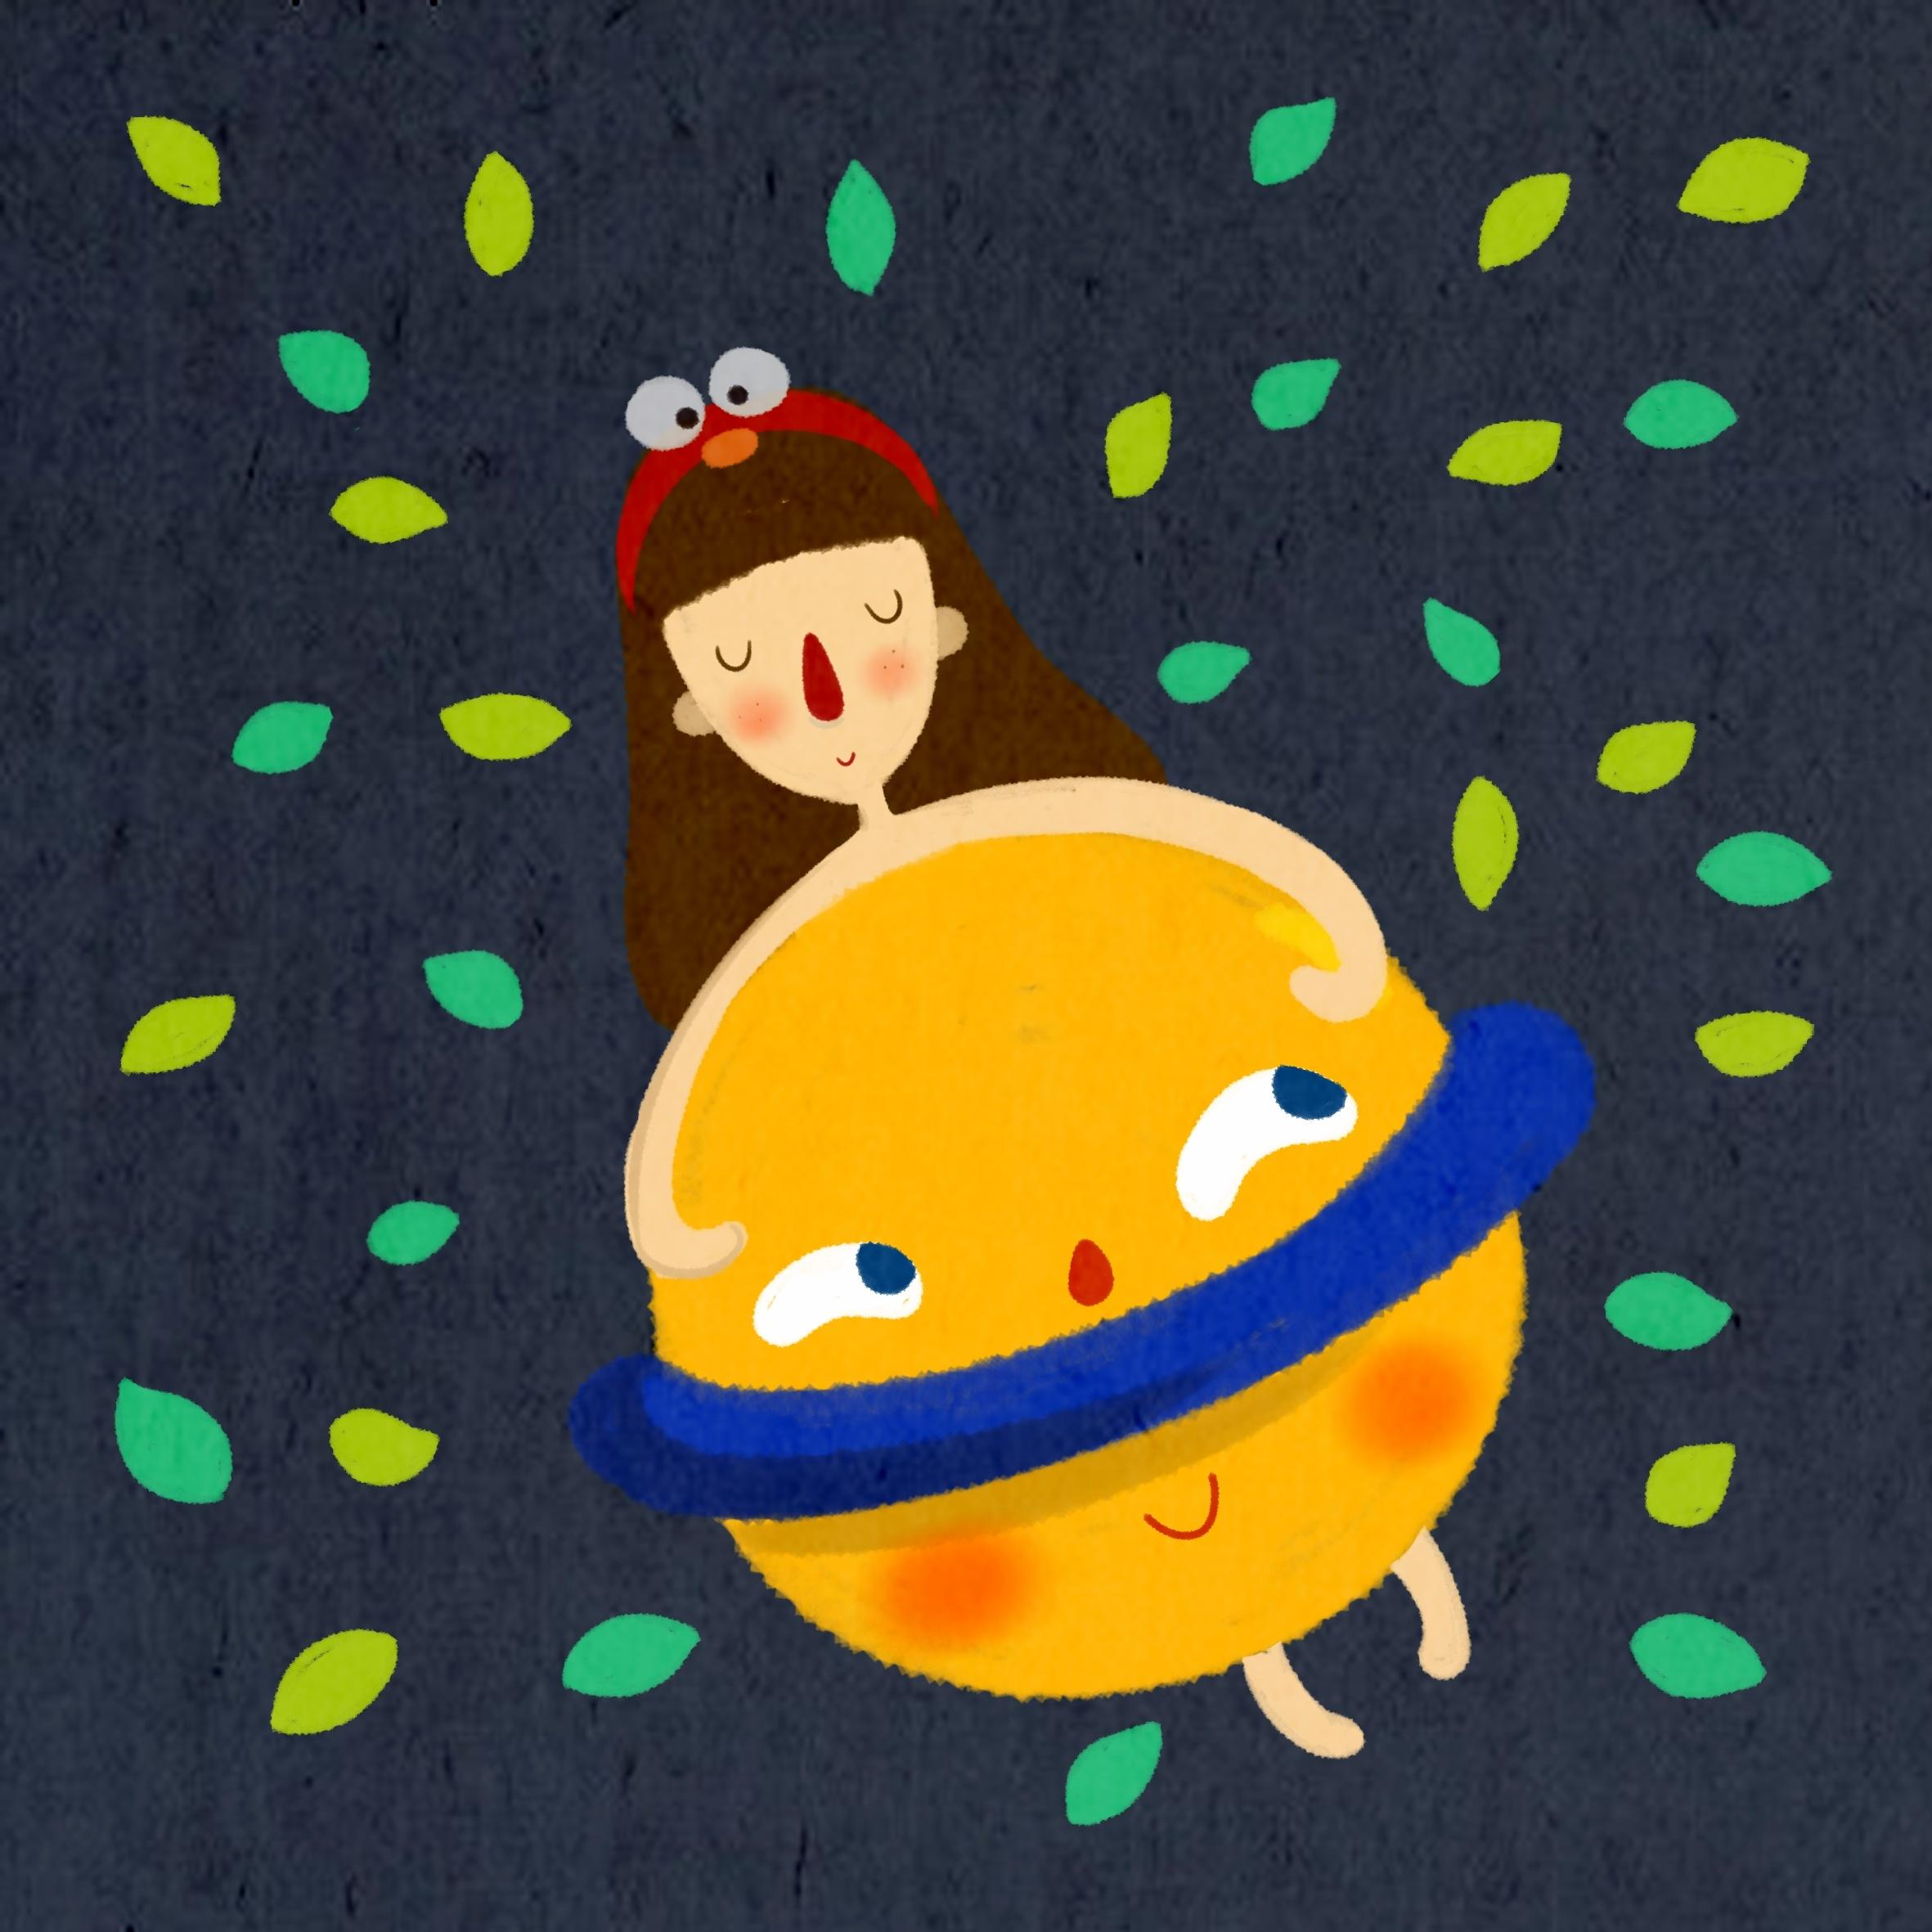 去拥抱属于自己的那颗小星球吧